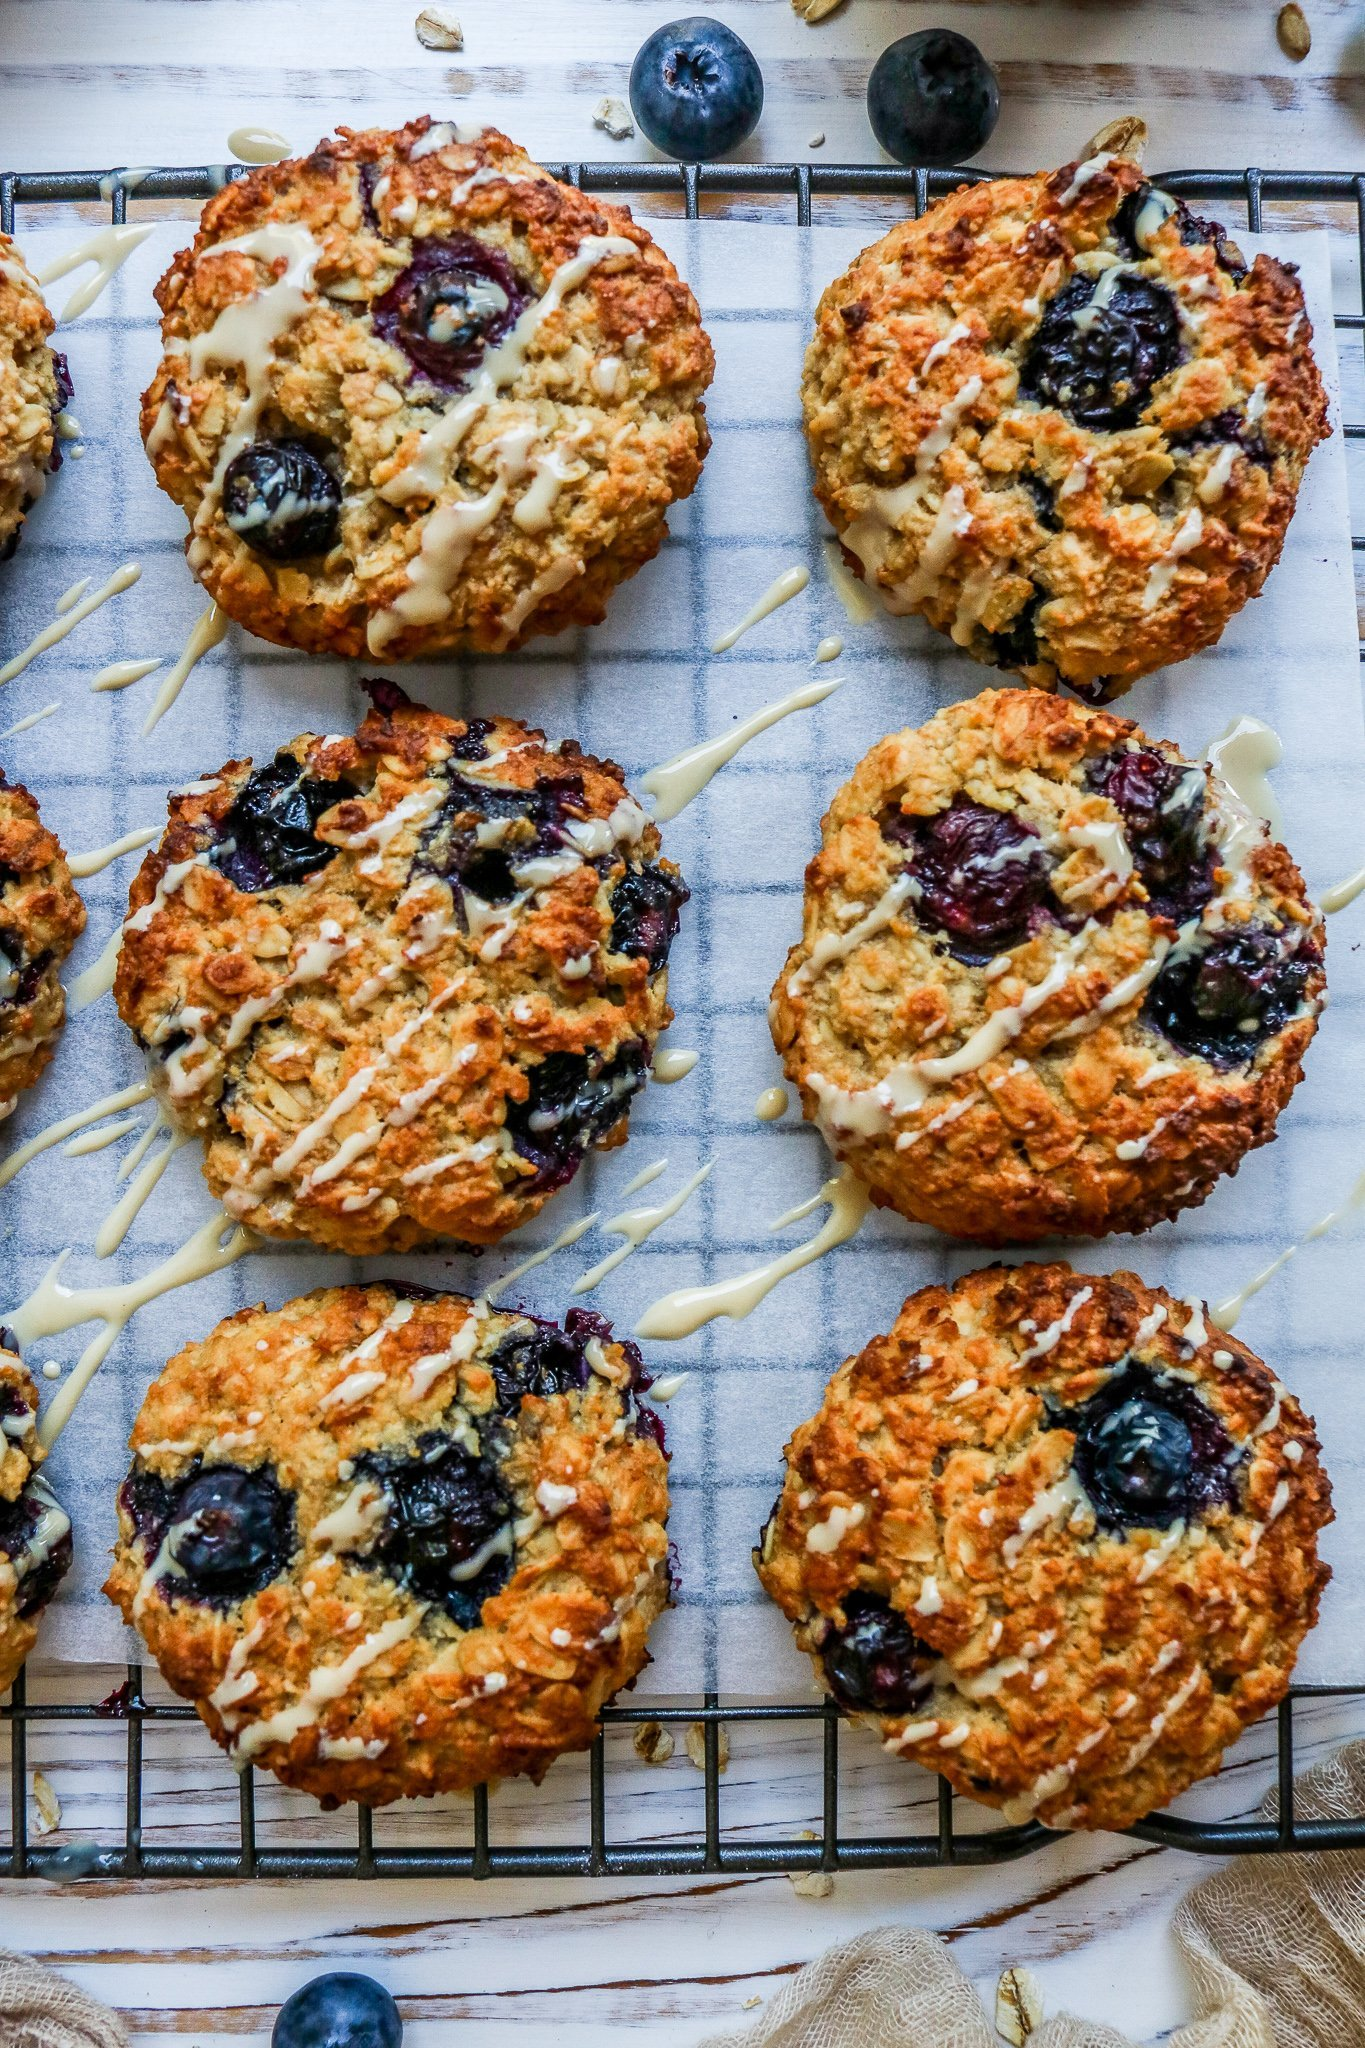 Blueberry & Oat Breakfast Cookies